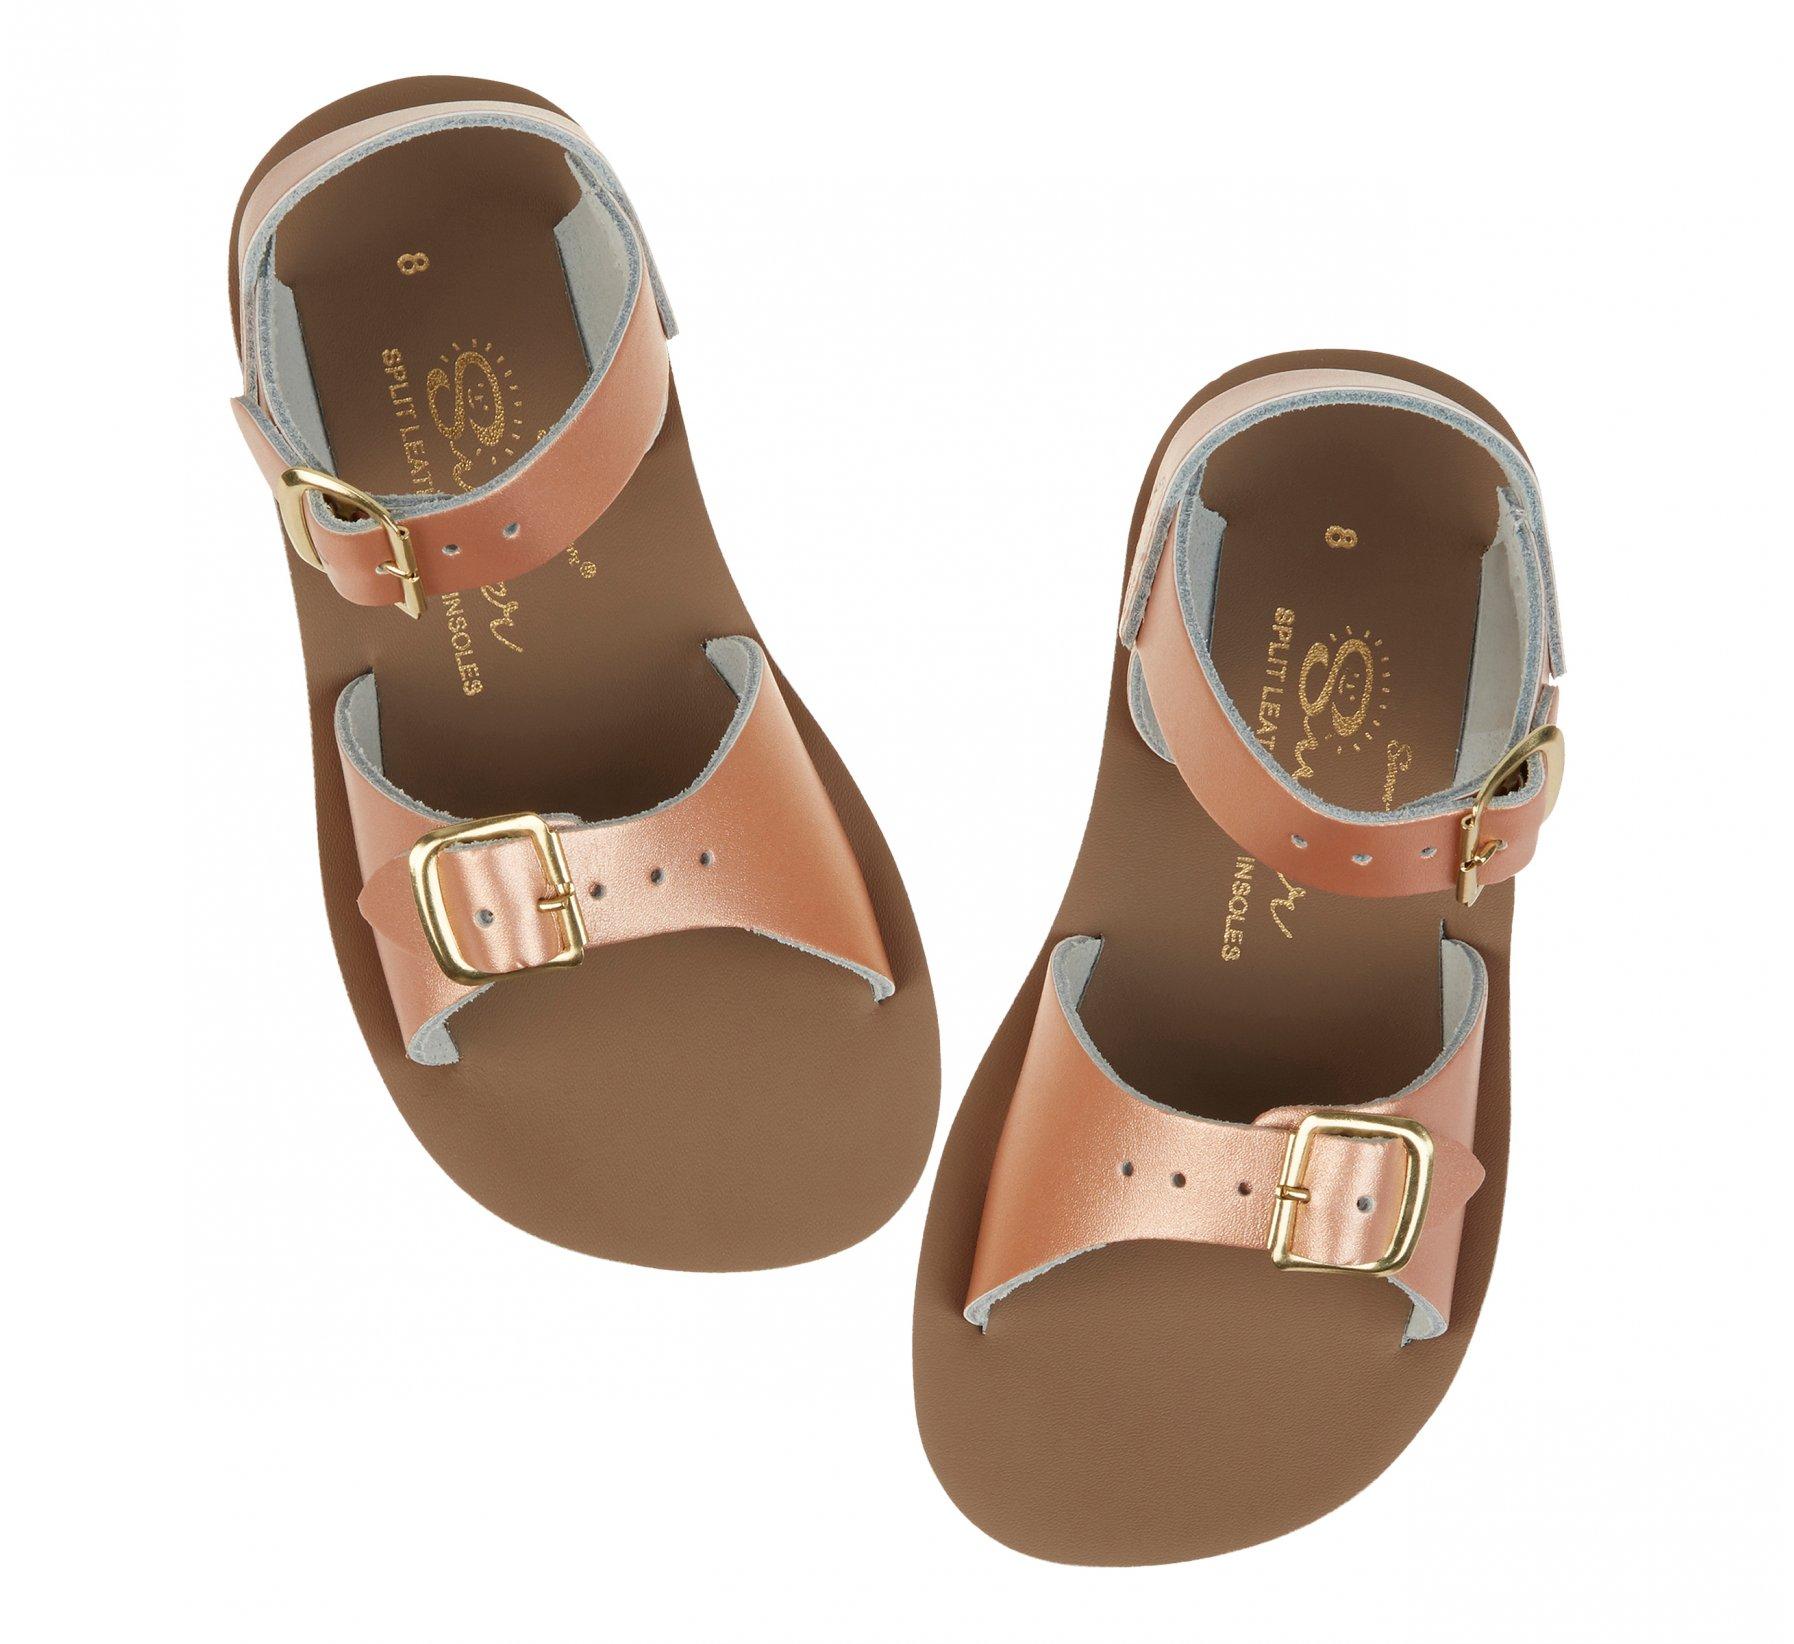 Surfer Rose Gold  - Salt Water Sandals